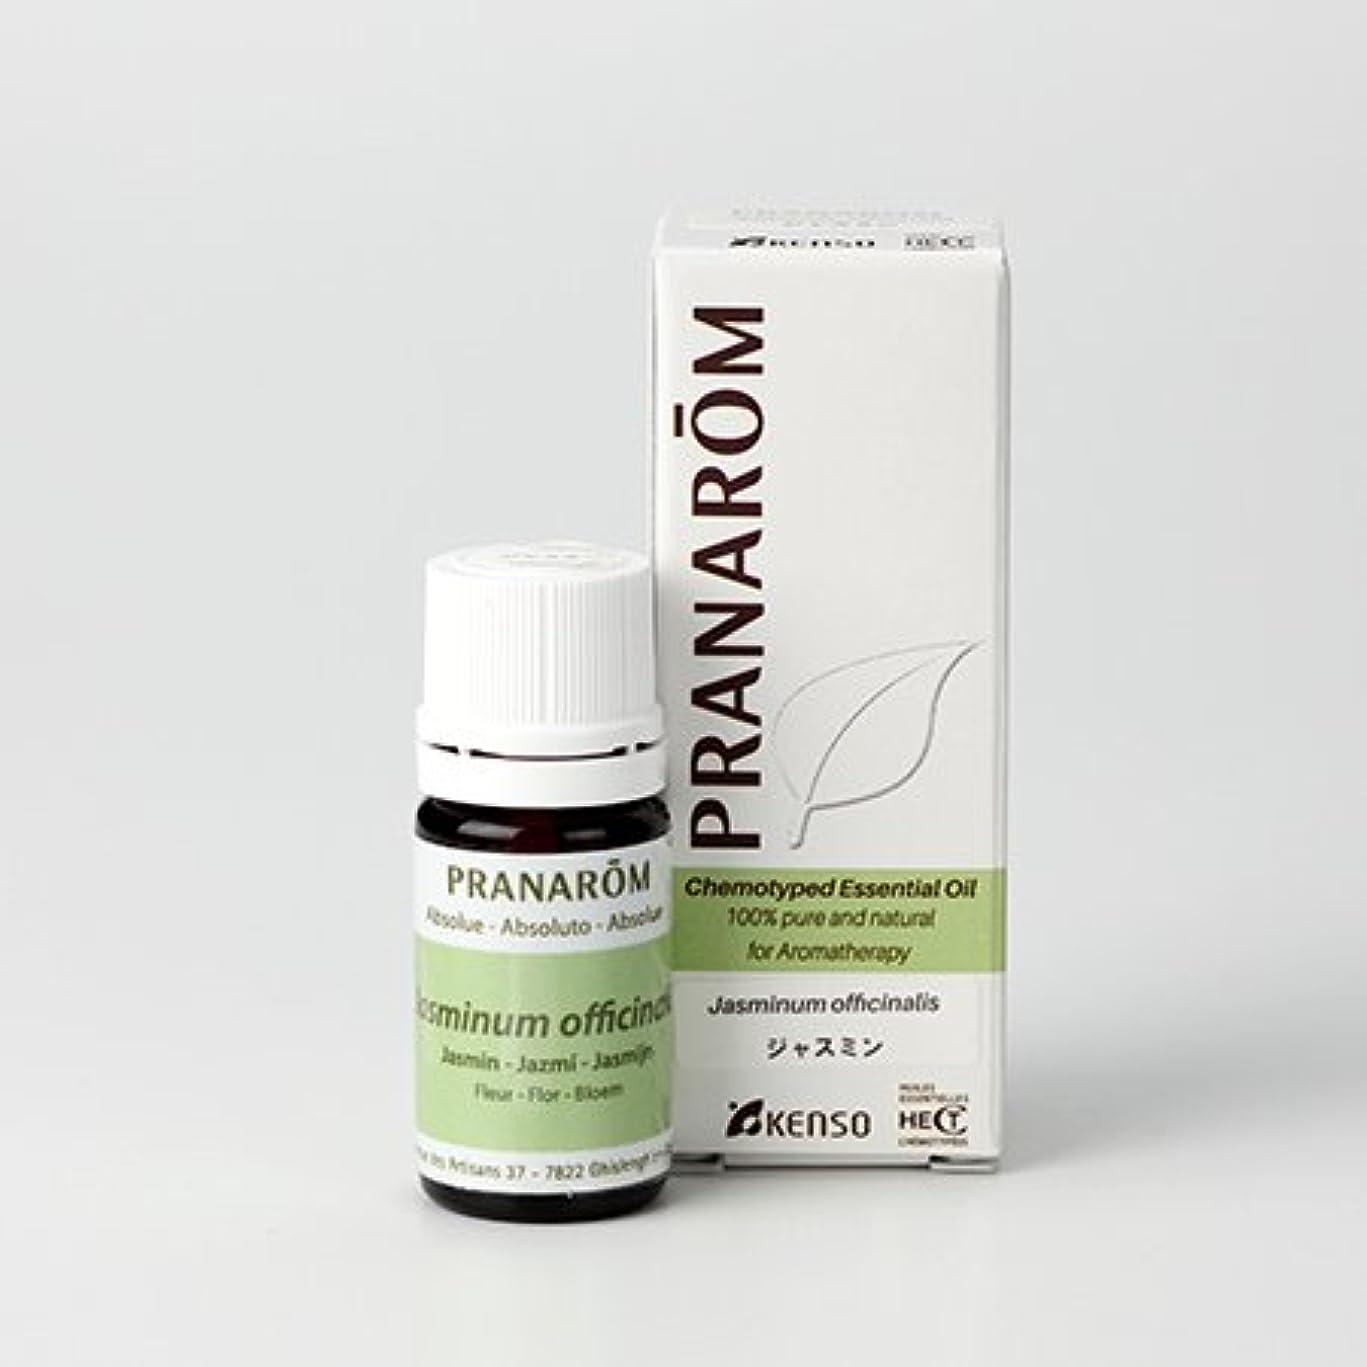 多様体だますカストディアン【ジャスミン 5ml】→優雅で甘美な香り?(フローラル系)[PRANAROM(プラナロム)精油/アロマオイル/エッセンシャルオイル]P-93